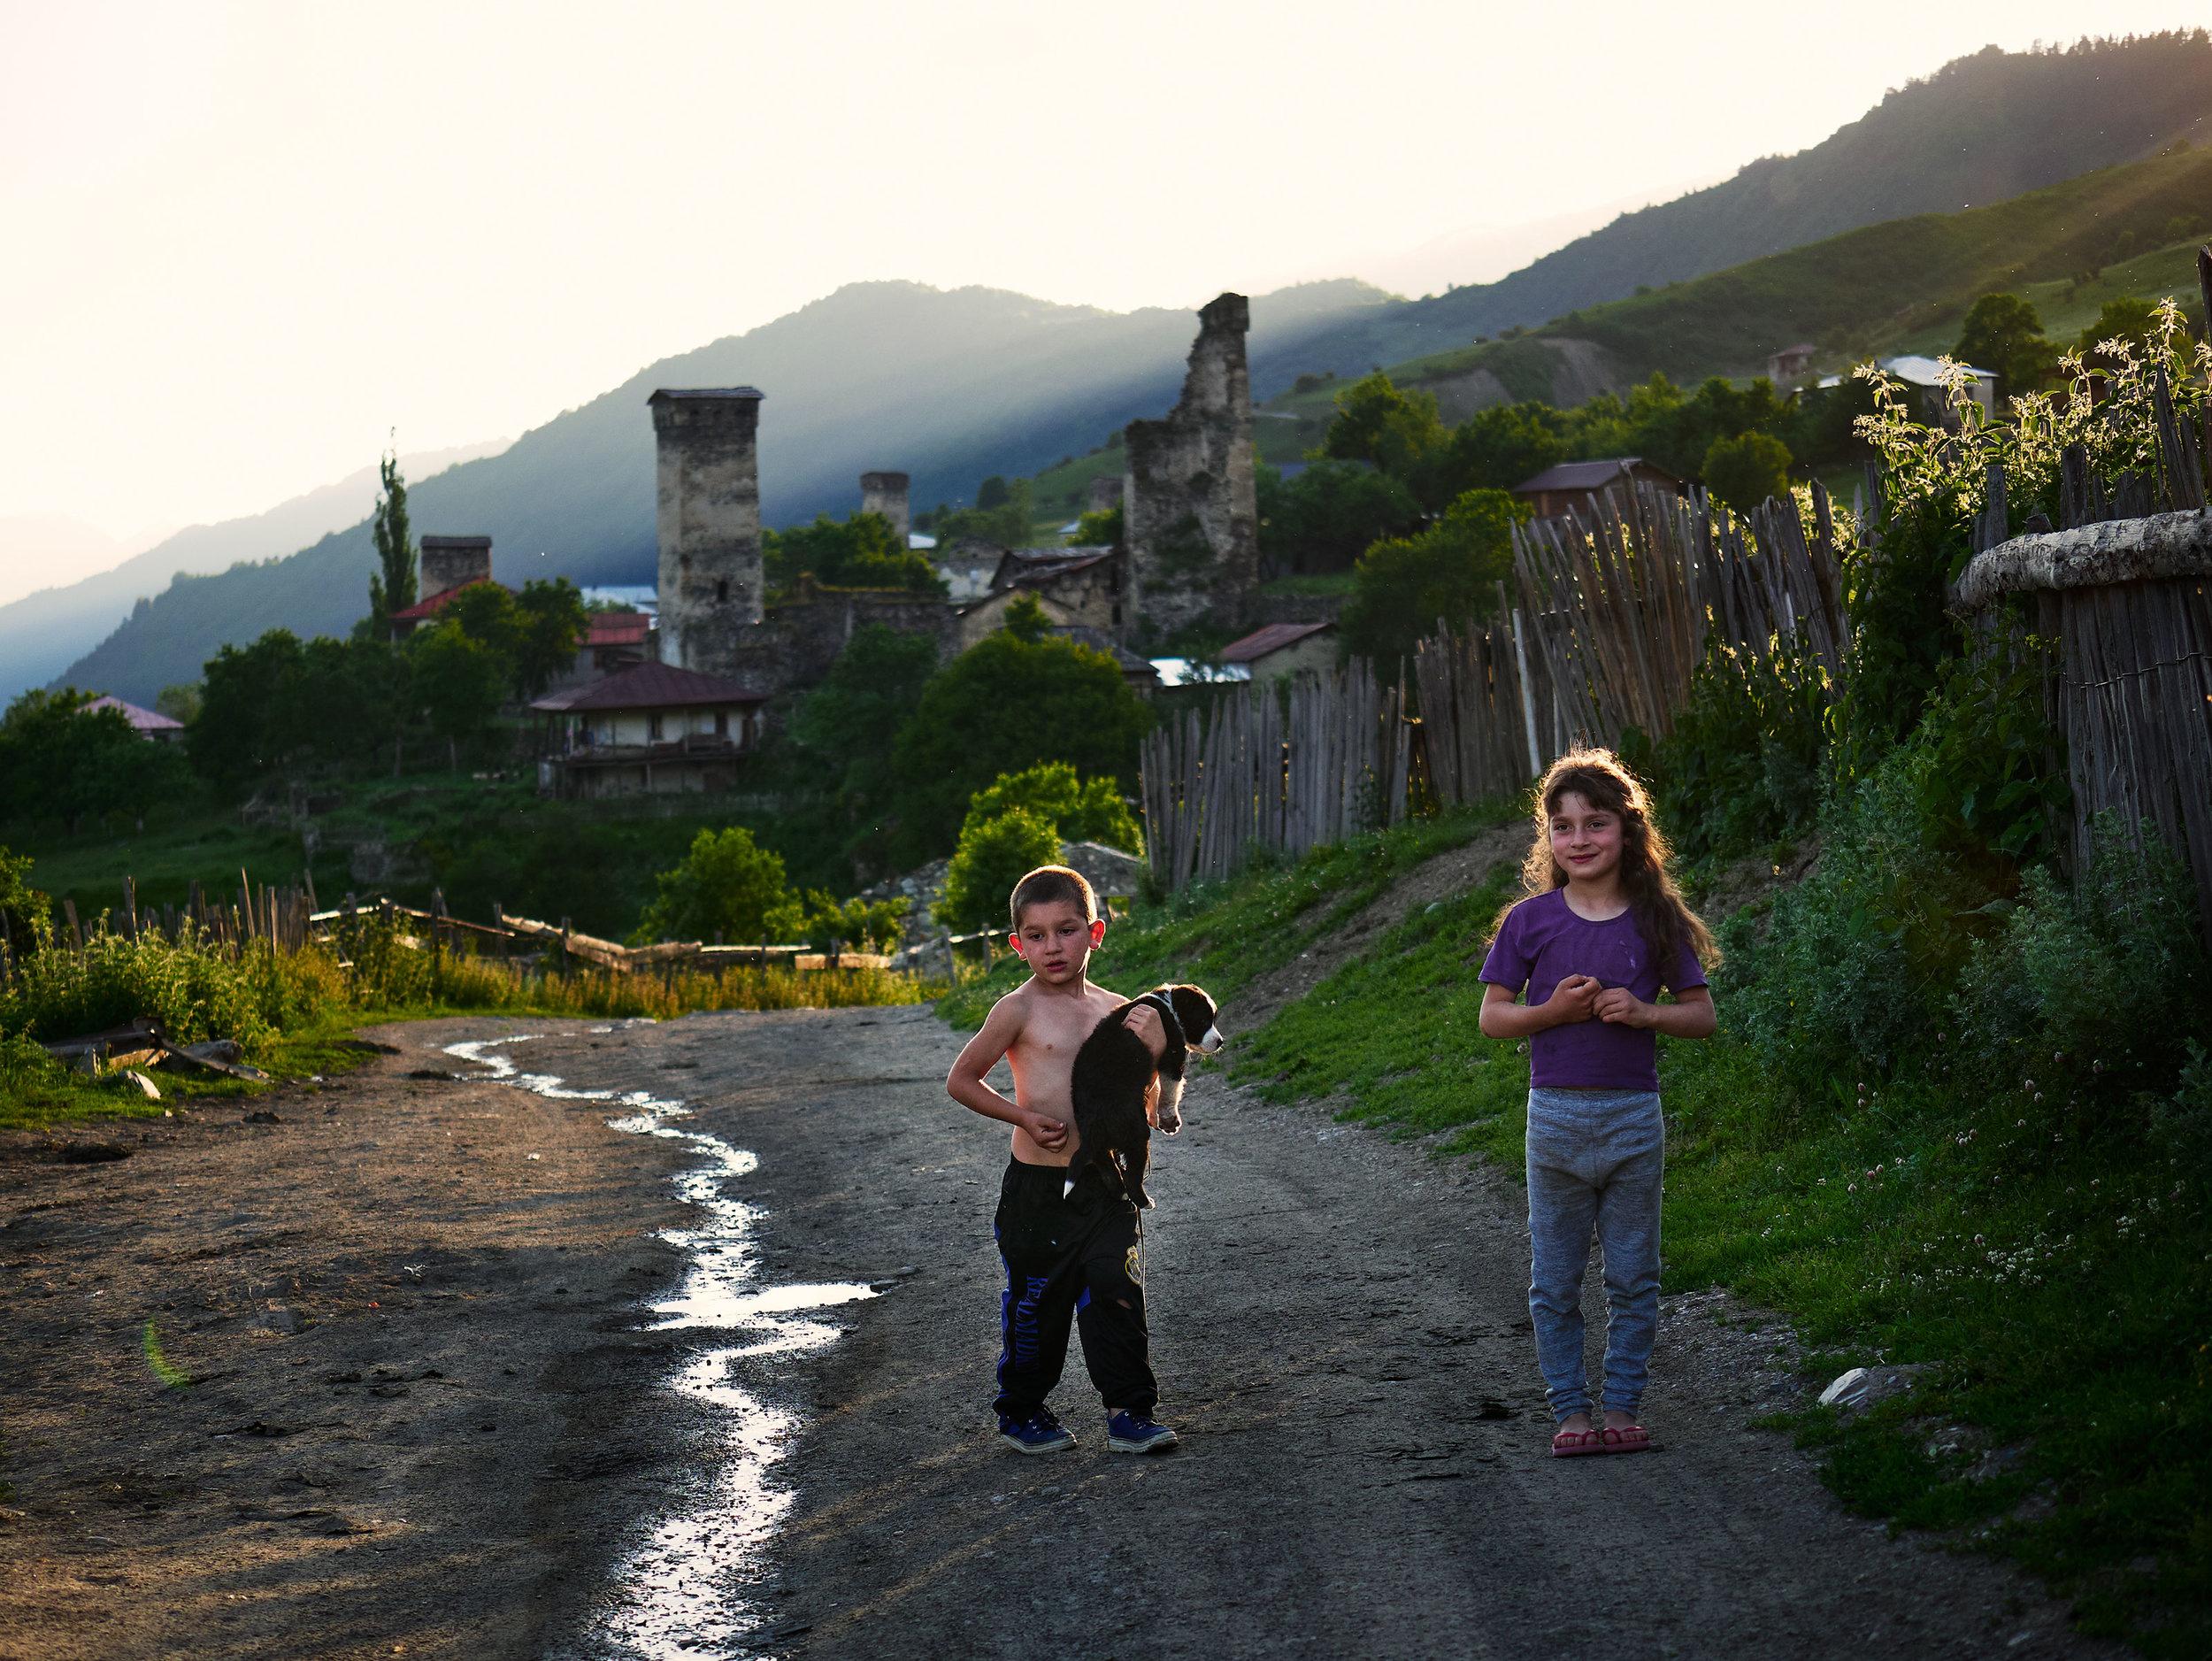 Svaneti-children-with-puppy